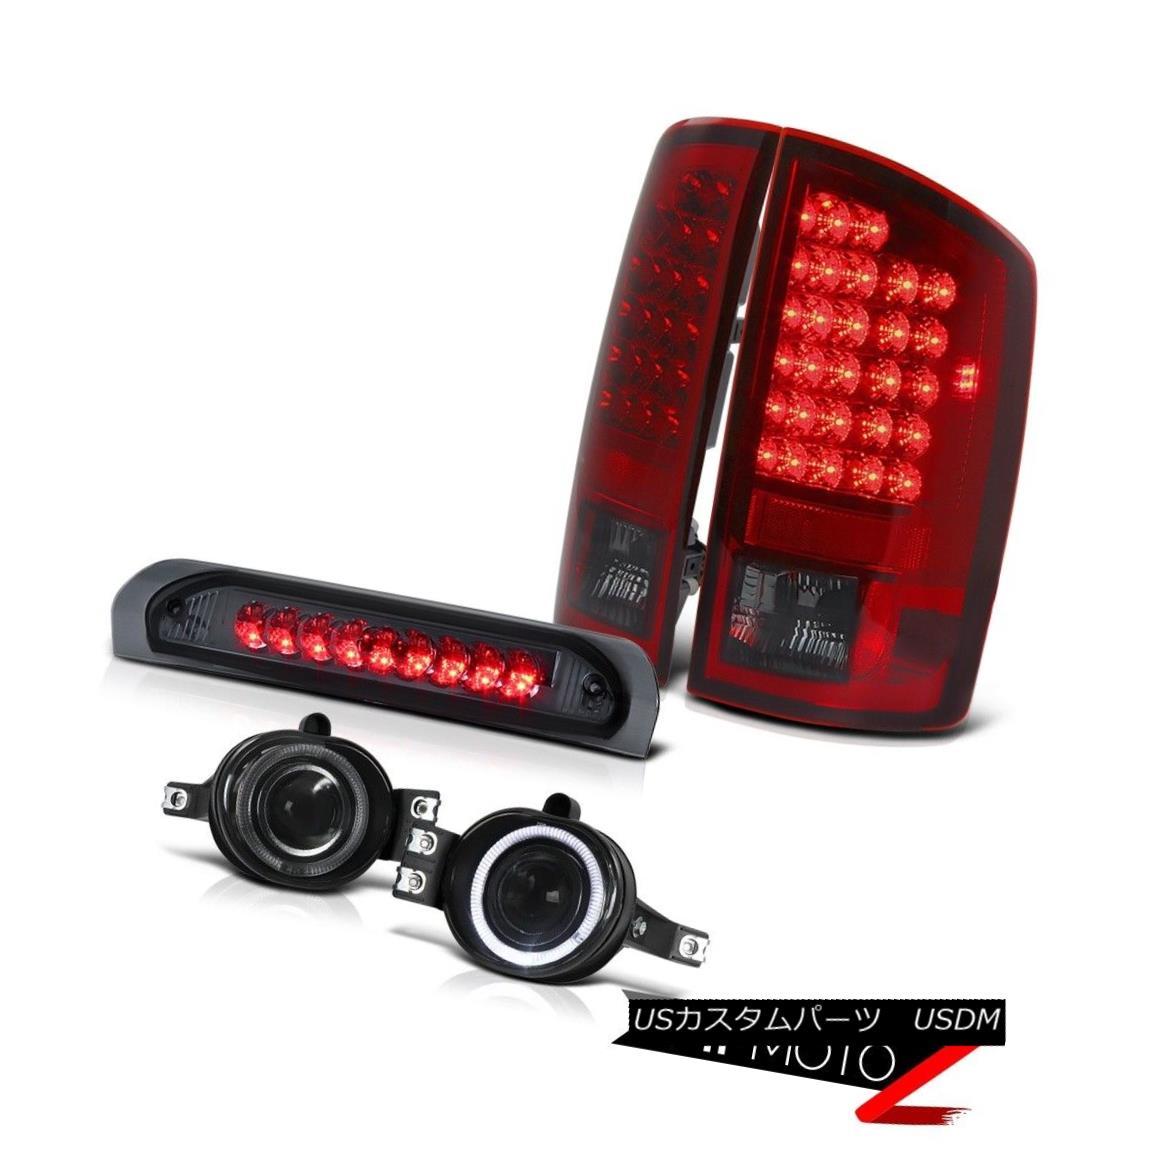 テールライト L+R SMOKEY LED Taillight+3rd Brake+Halo Projector Fog Lamp Dodge RAM 02-06 Truck L + R SMOKEY LEDテールライト+ 3rdブレーキ+ハロープロジェクターフォグランプDodge RAM 02-06トラック